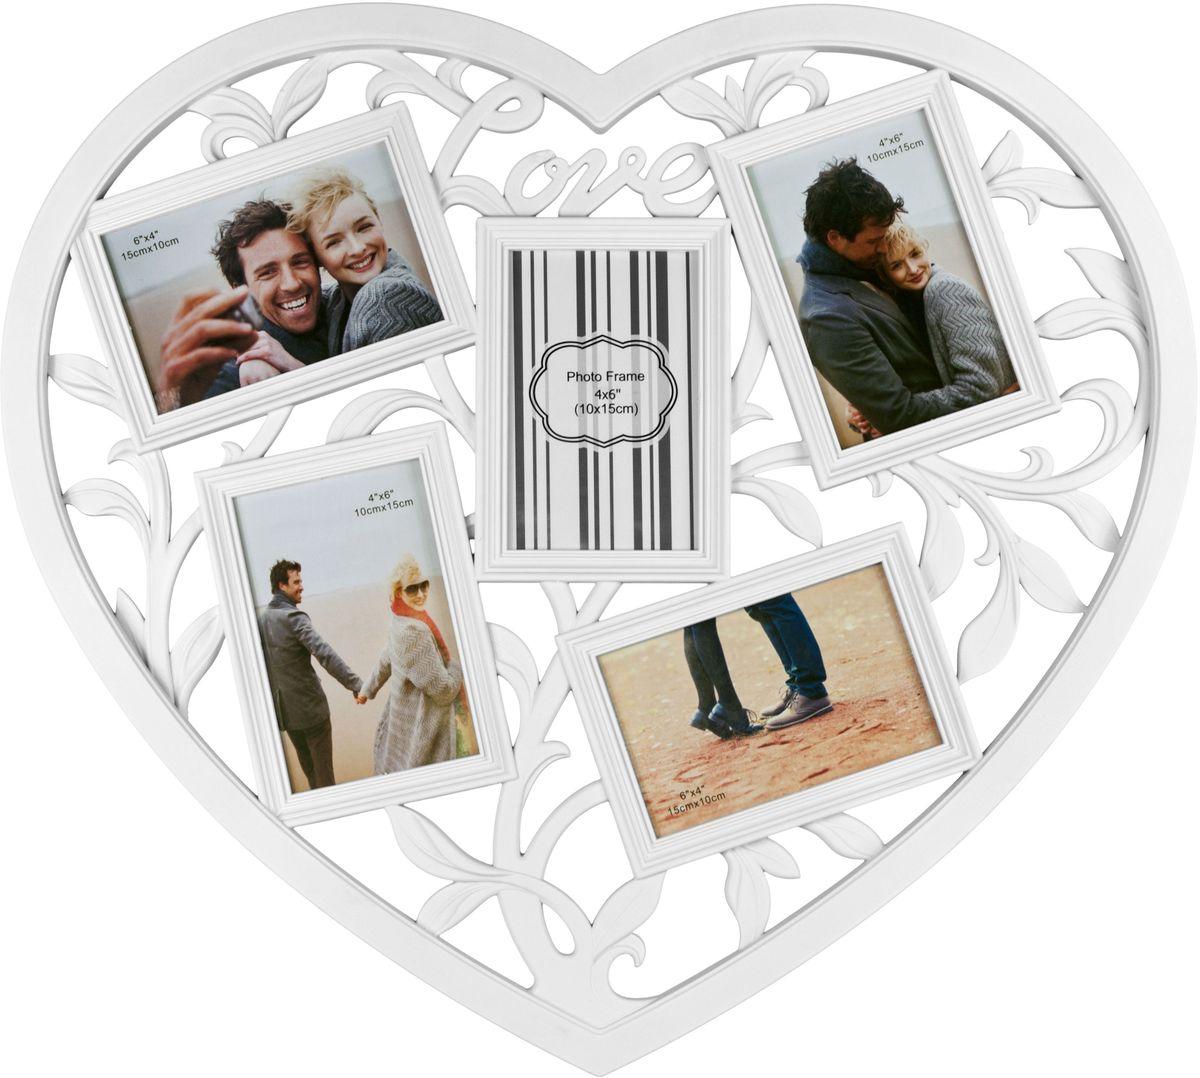 Фоторамка Platinum Сердце, цвет: белый, на 5 фото 10 х 15 смPlatinum JW97-1 ПИНЕТО-СЕРЕБРЯНЫЙ 21x30Фоторамка Platinum Сердце - прекрасный способ красиво оформить ваши фотографии. Фоторамка выполнена из пластика в виде сердца и защищена стеклом. Фоторамка-коллаж представляет собой пять фоторамок для фото одного размера оригинально соединенных между собой. Такая фоторамка поможет сохранить в памяти самые яркие моменты вашей жизни, а стильный дизайн сделает ее прекрасным дополнением интерьера комнаты.Фоторамка подходит для фотографий 10 х 15 см.Общий размер фоторамки: 45 х 49 см.